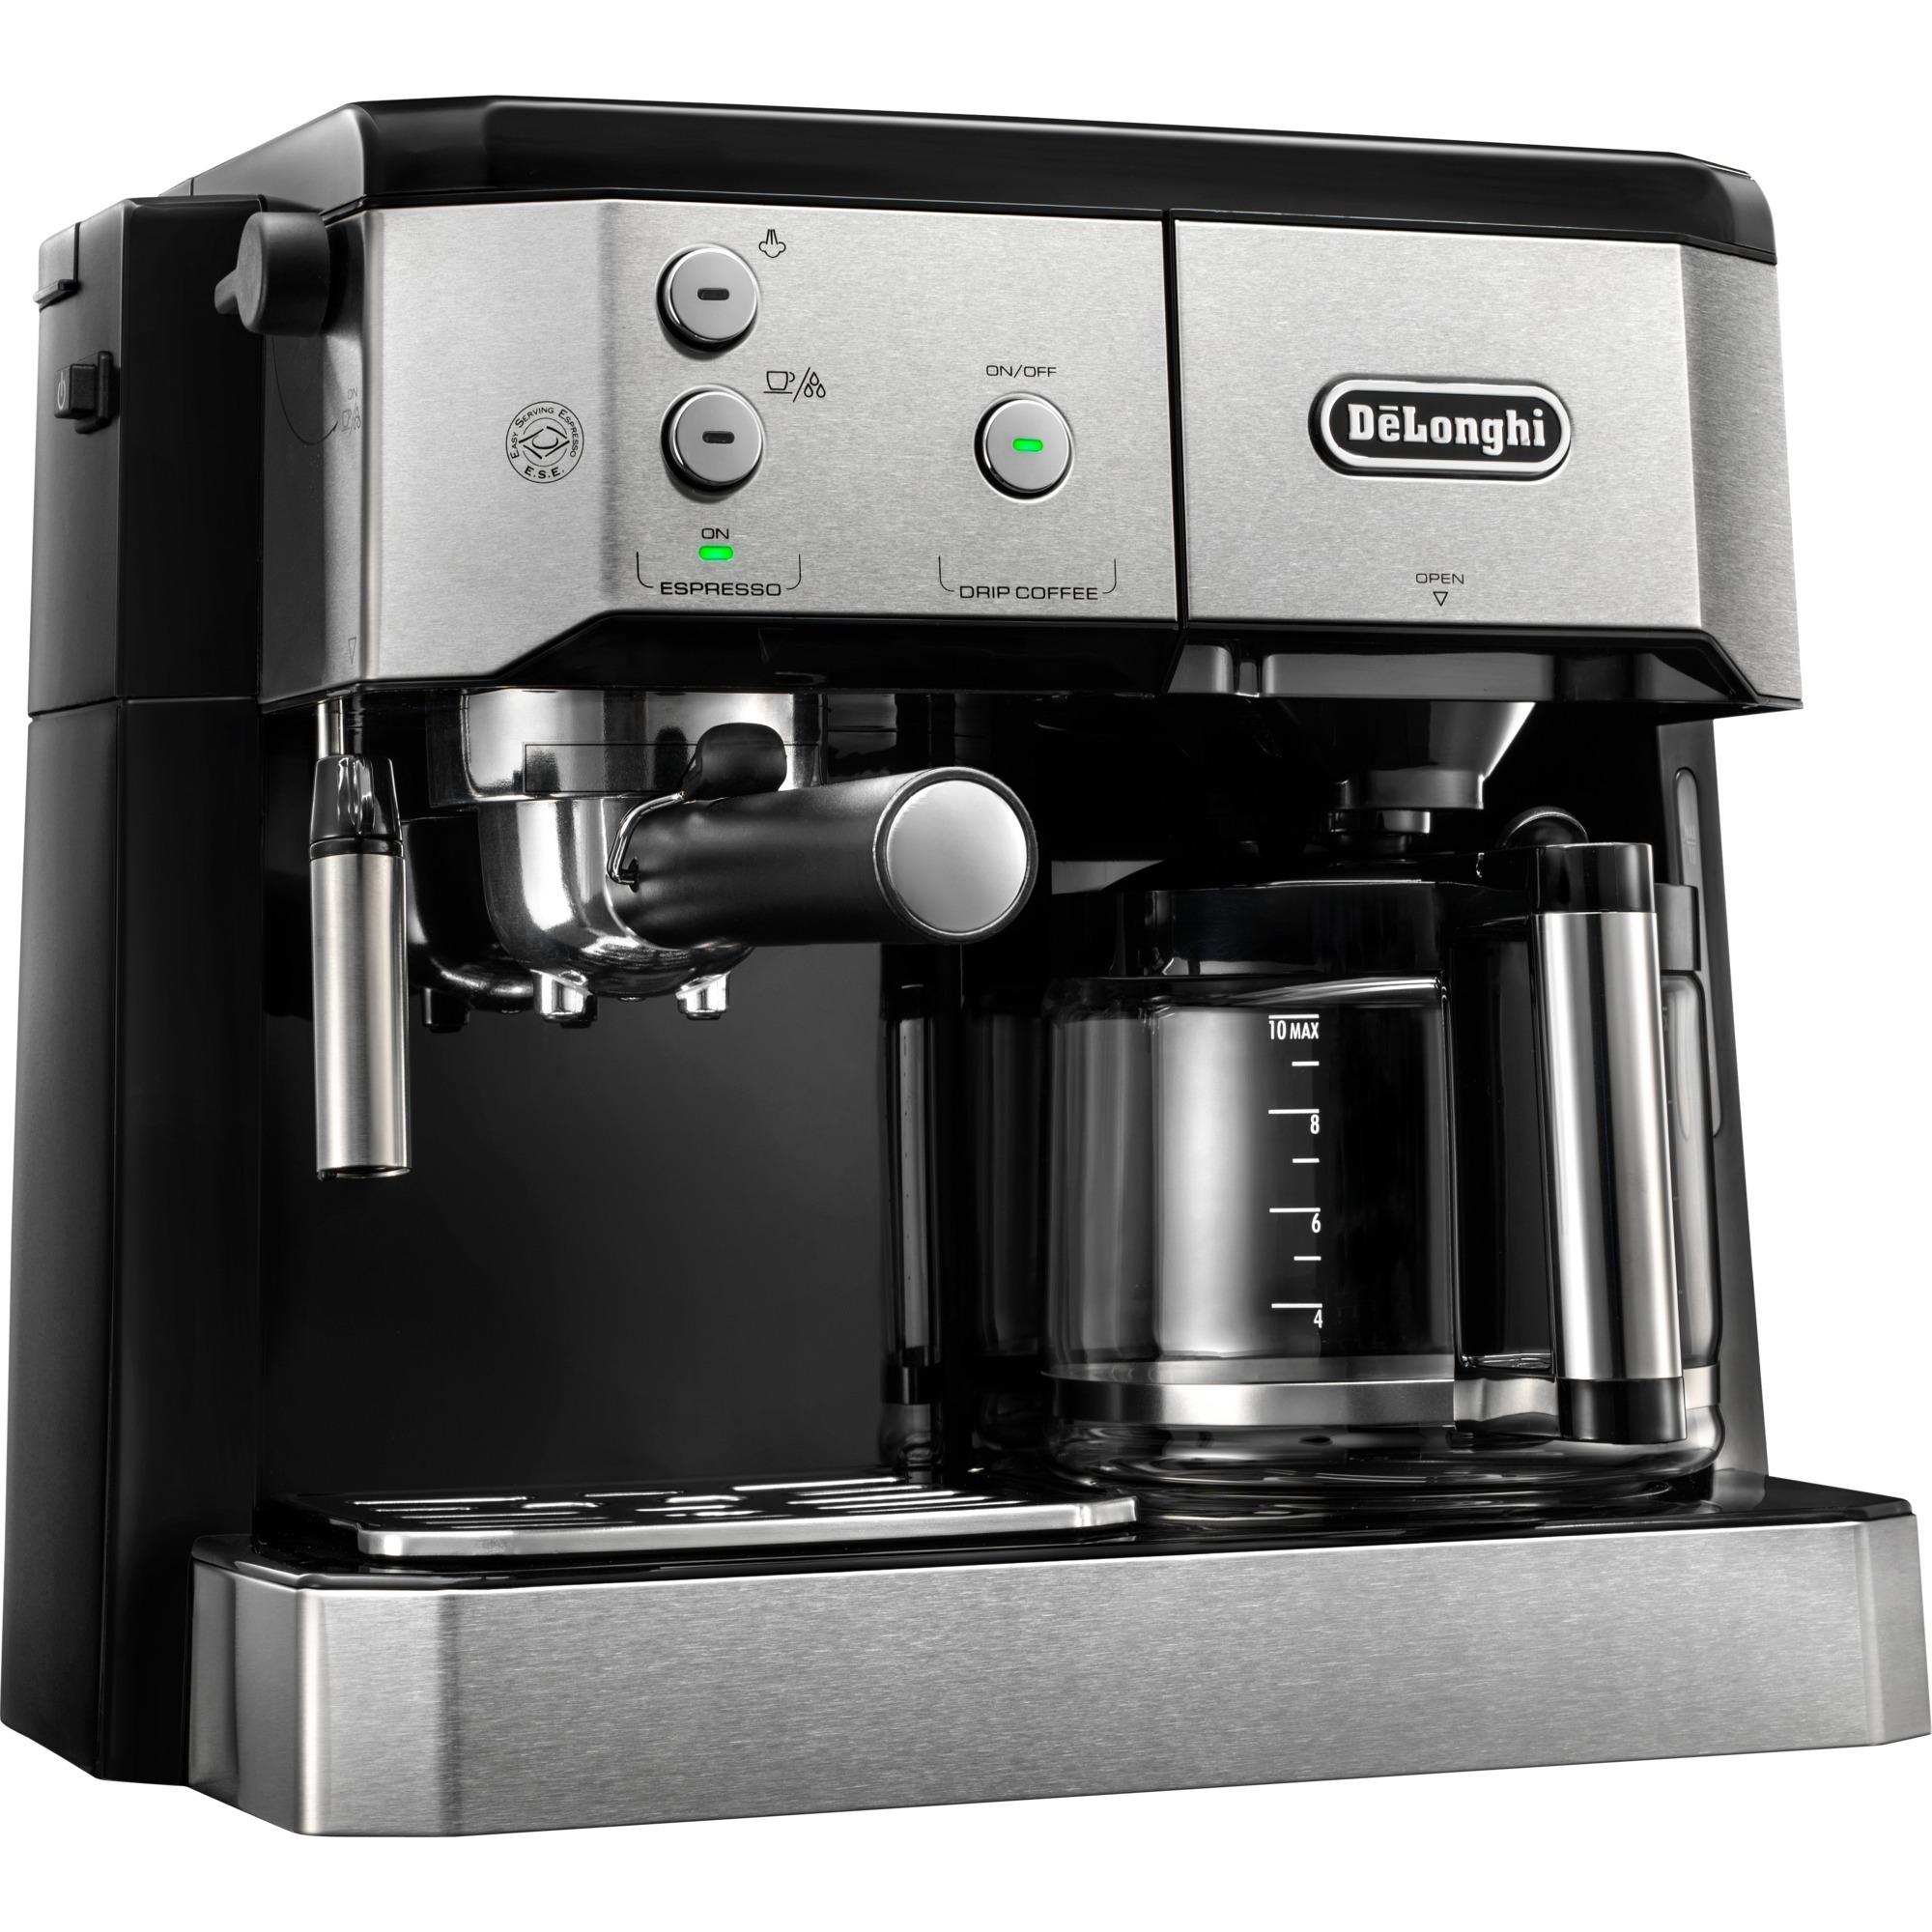 BCO 420.1 cafetera eléctrica Encimera Cafetera combinada 1 L Semi-automática, Cafetera espresso